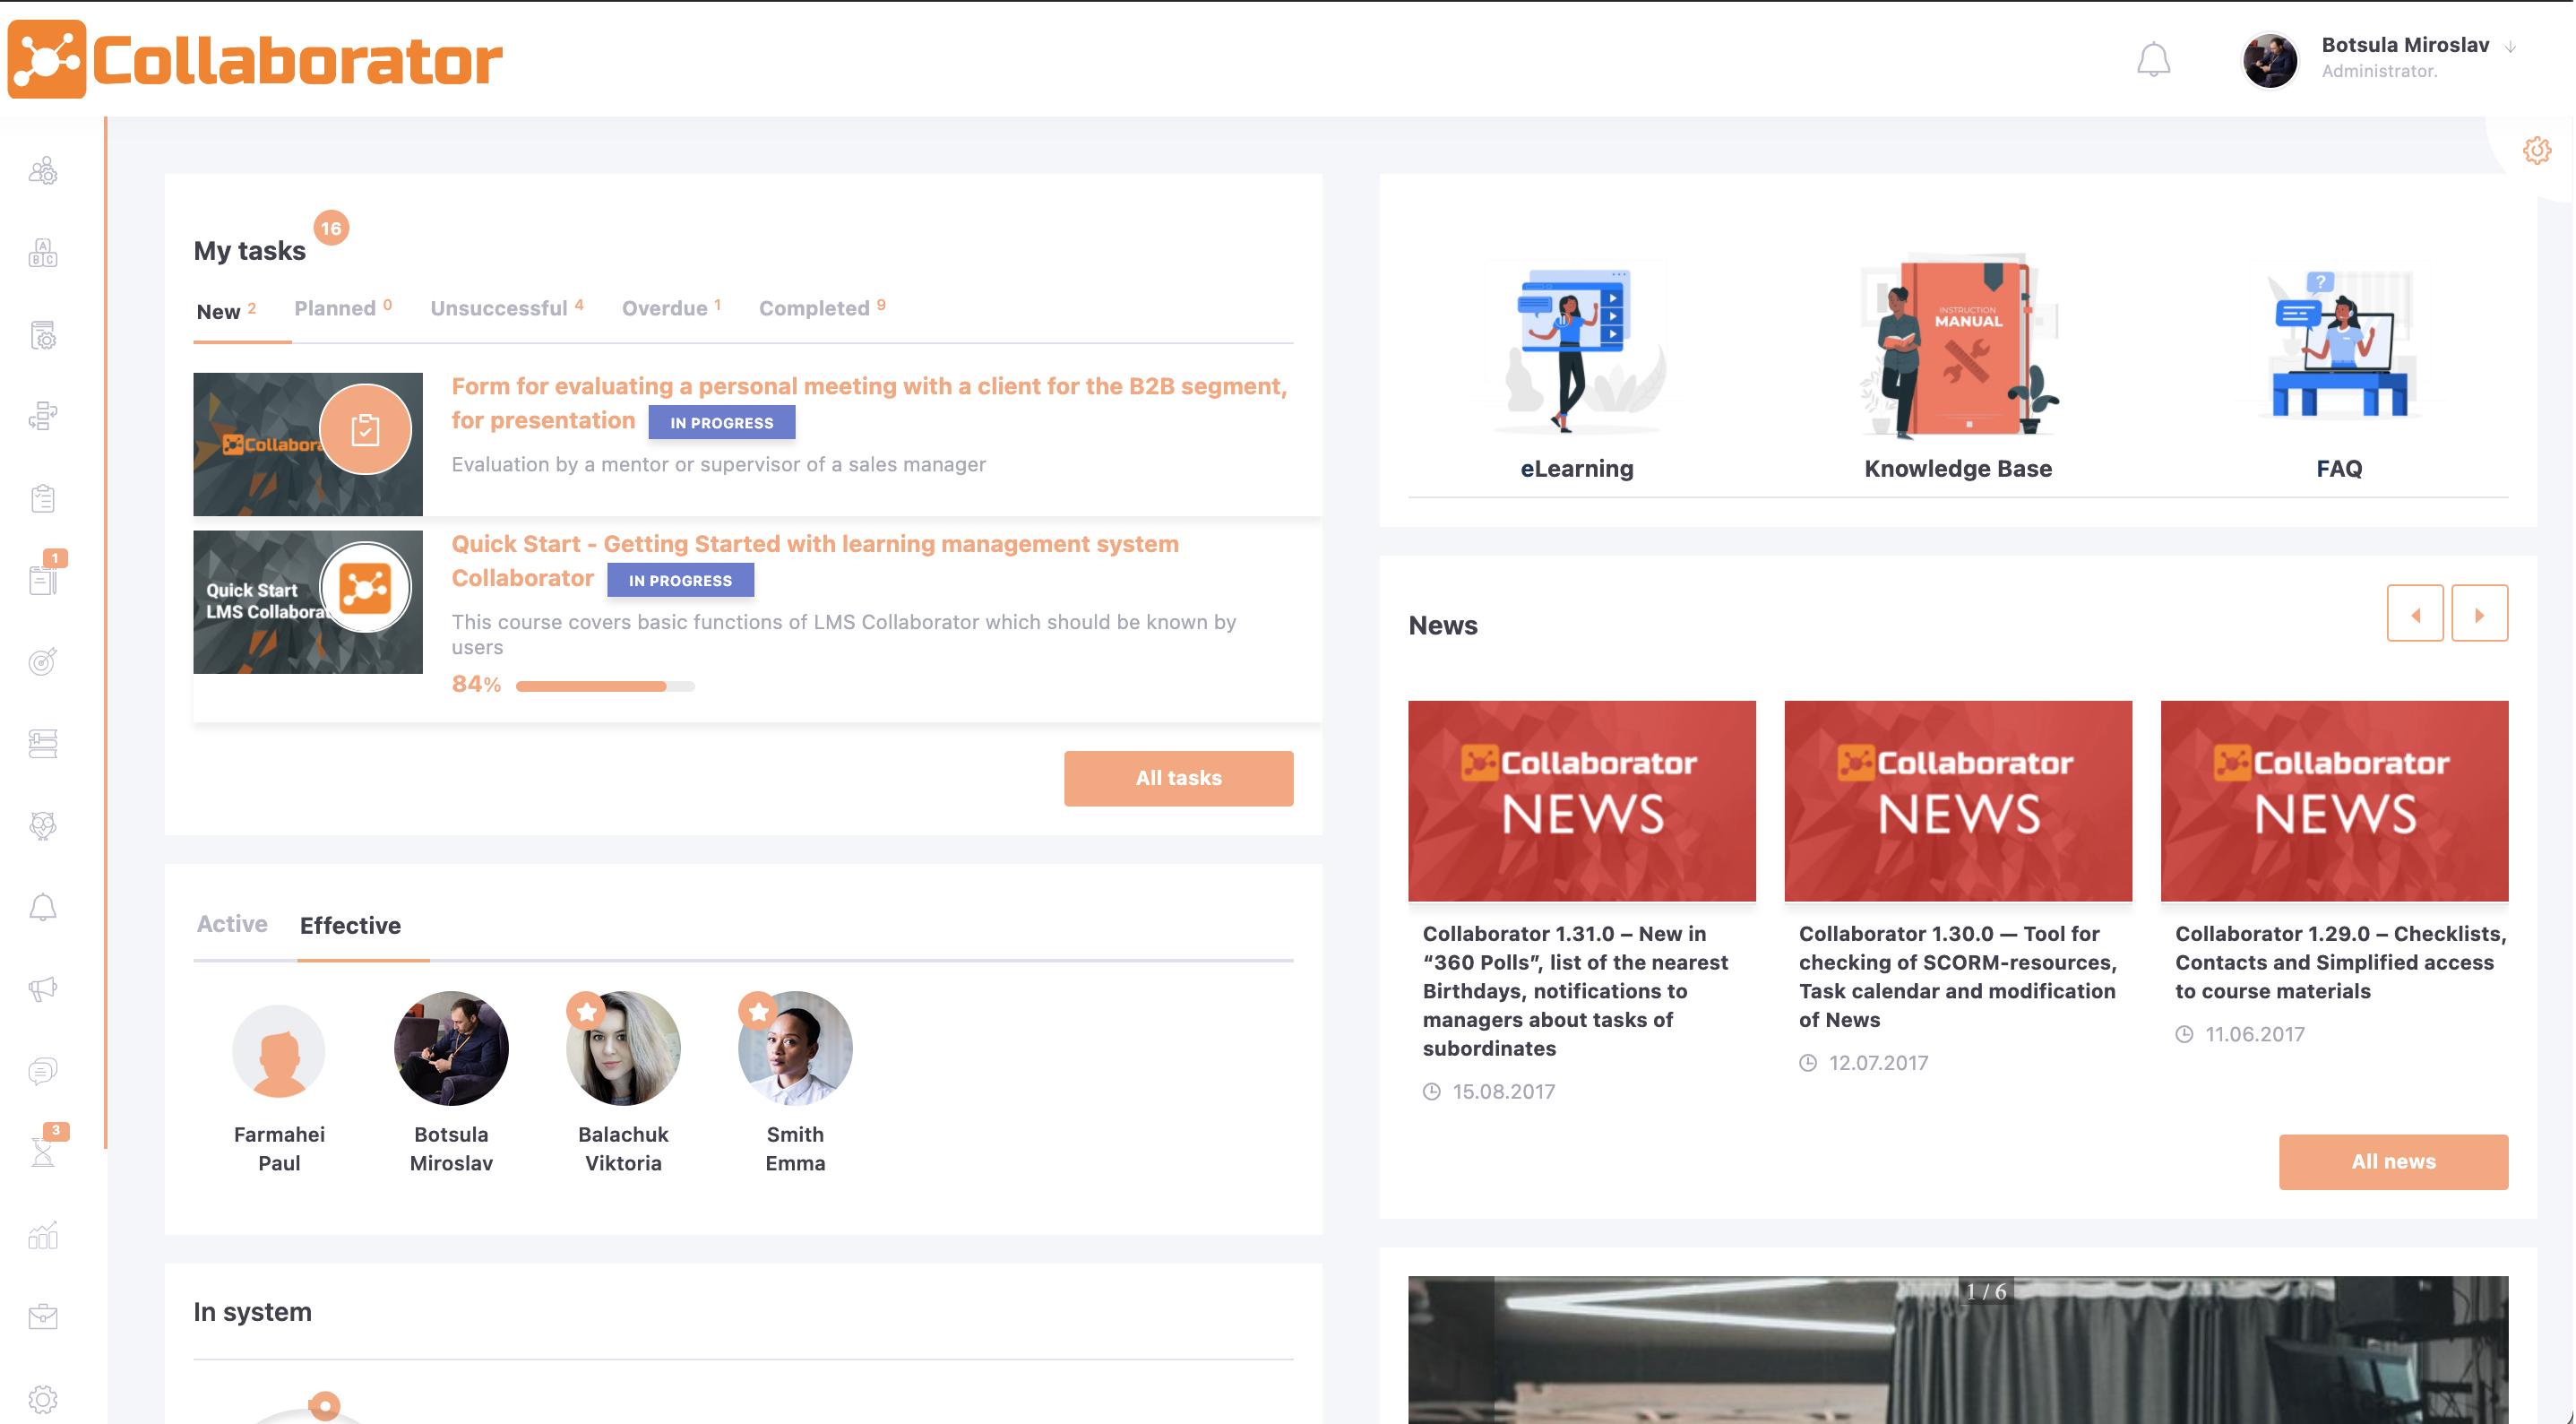 Collaborator main interface